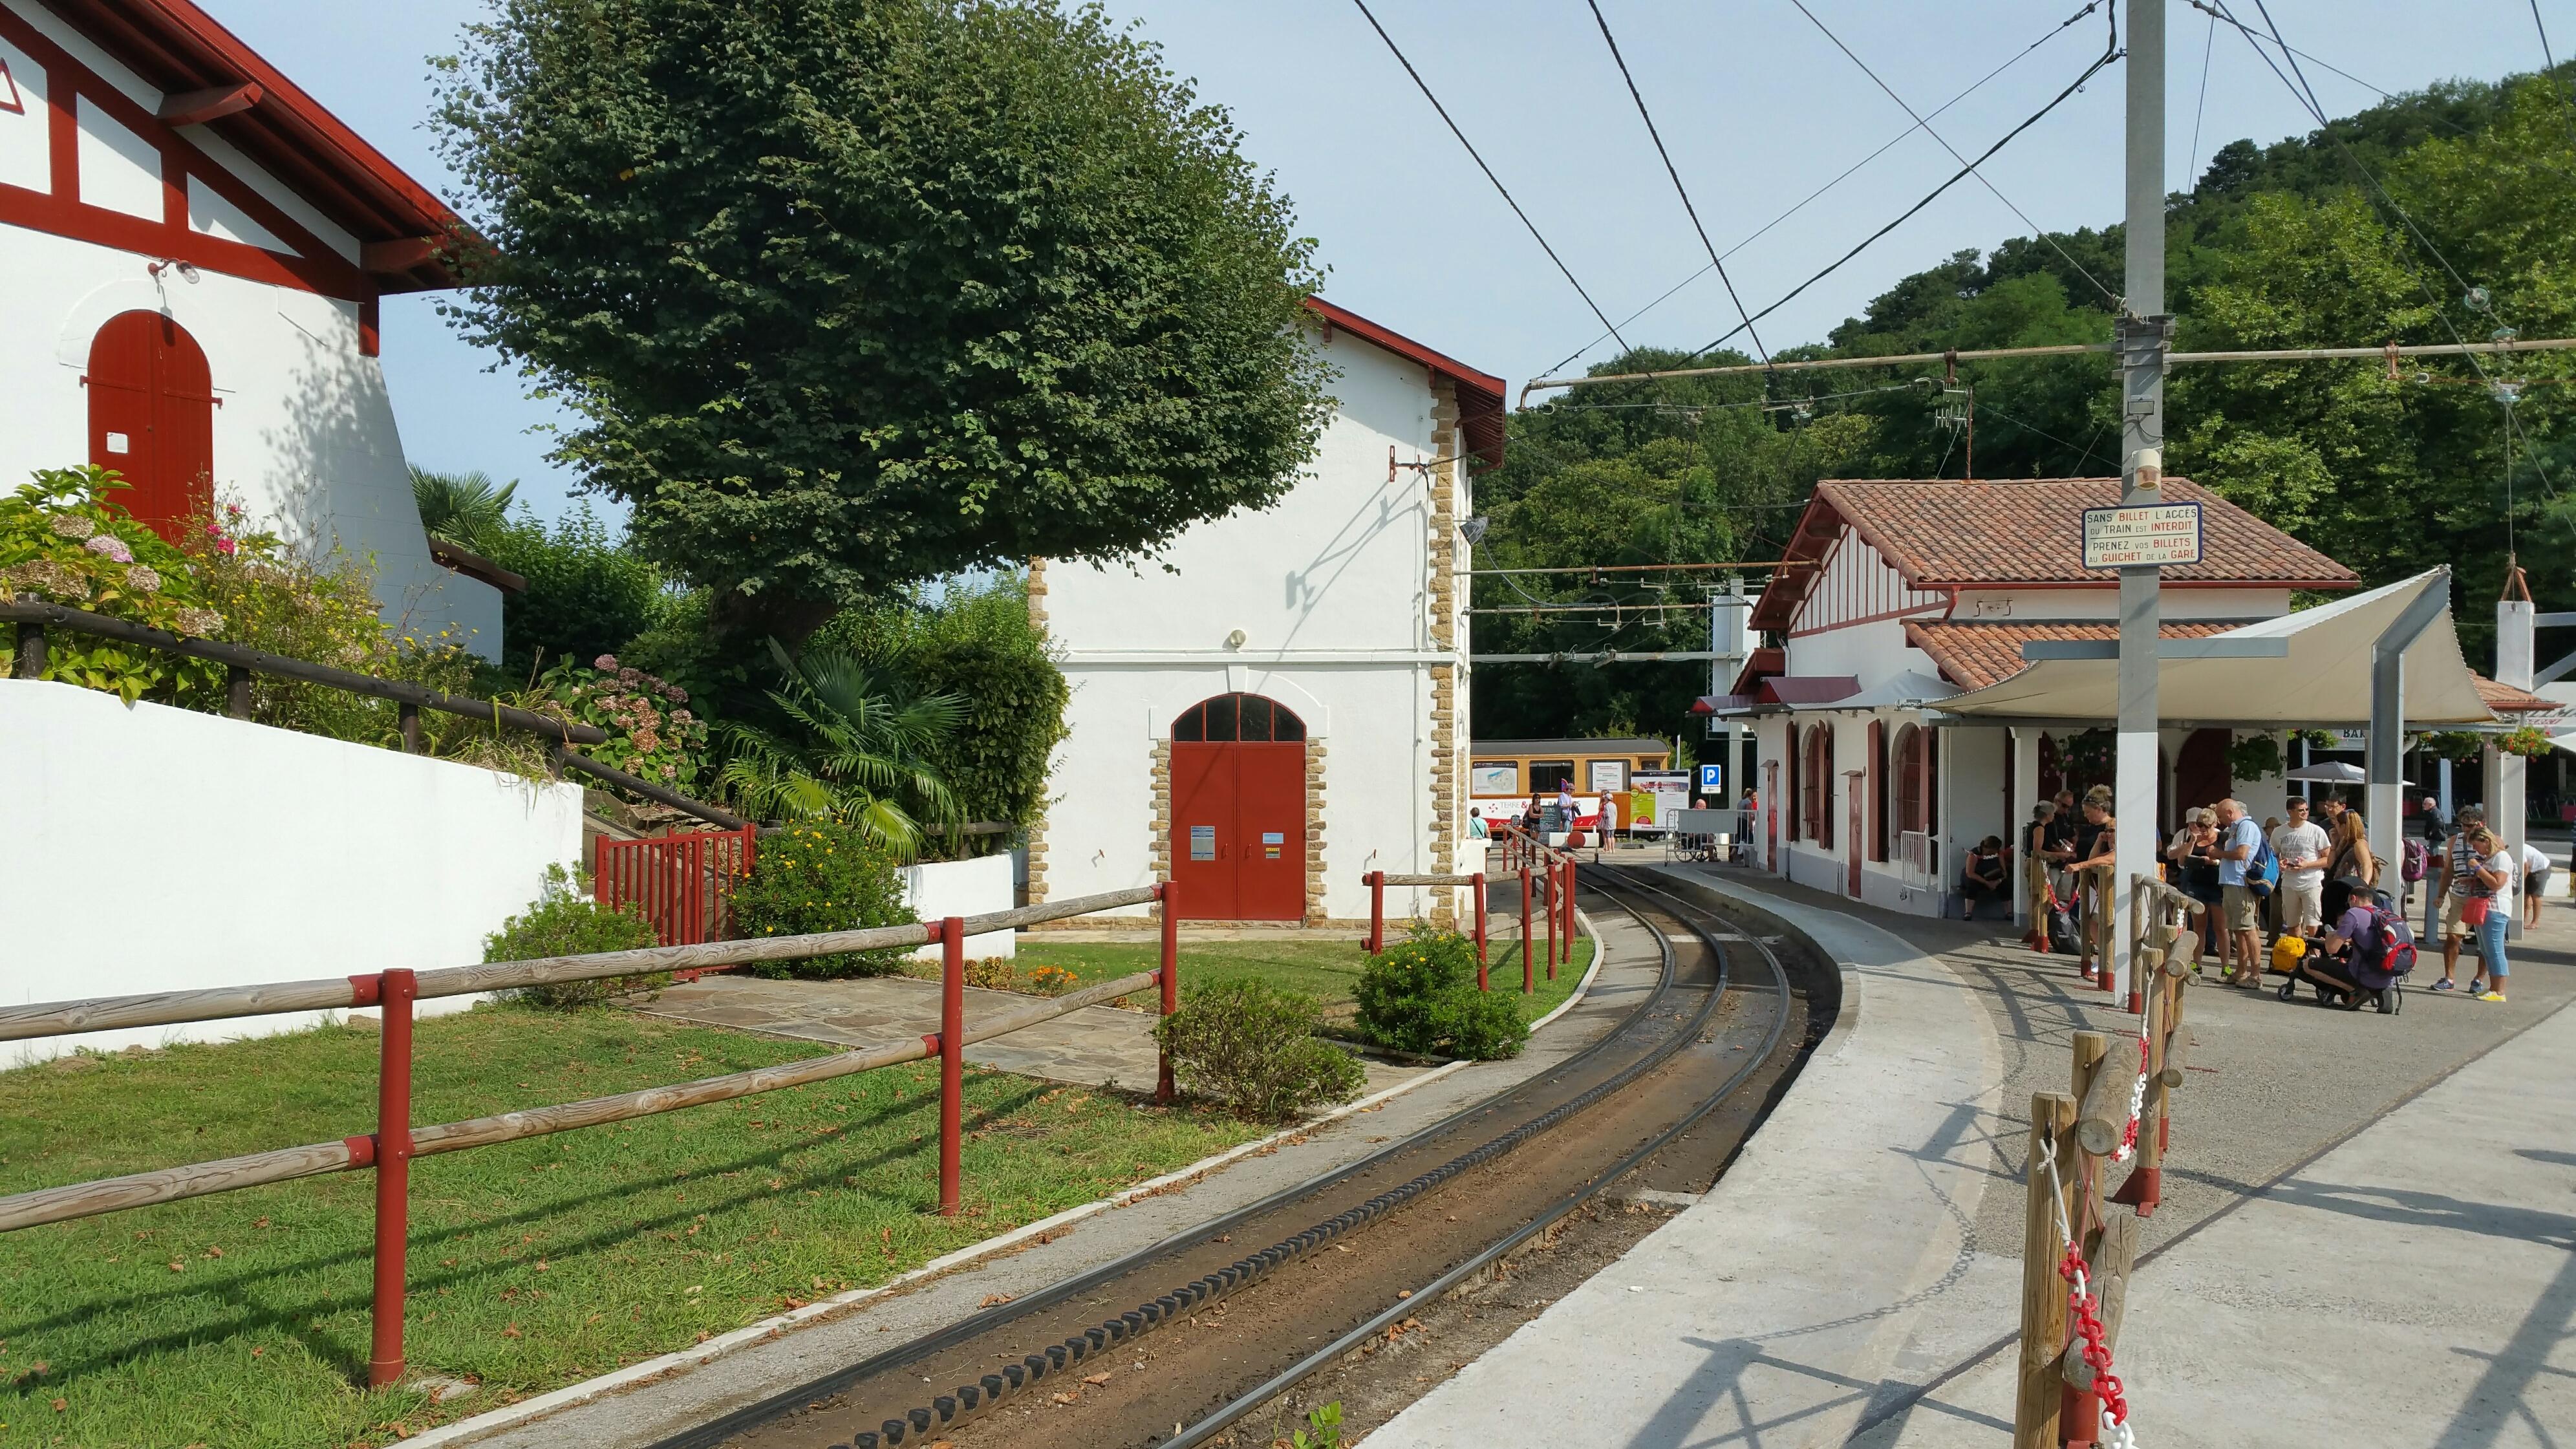 Estacion de salida del tren de larrun - Casas rurales pais vasco frances ...